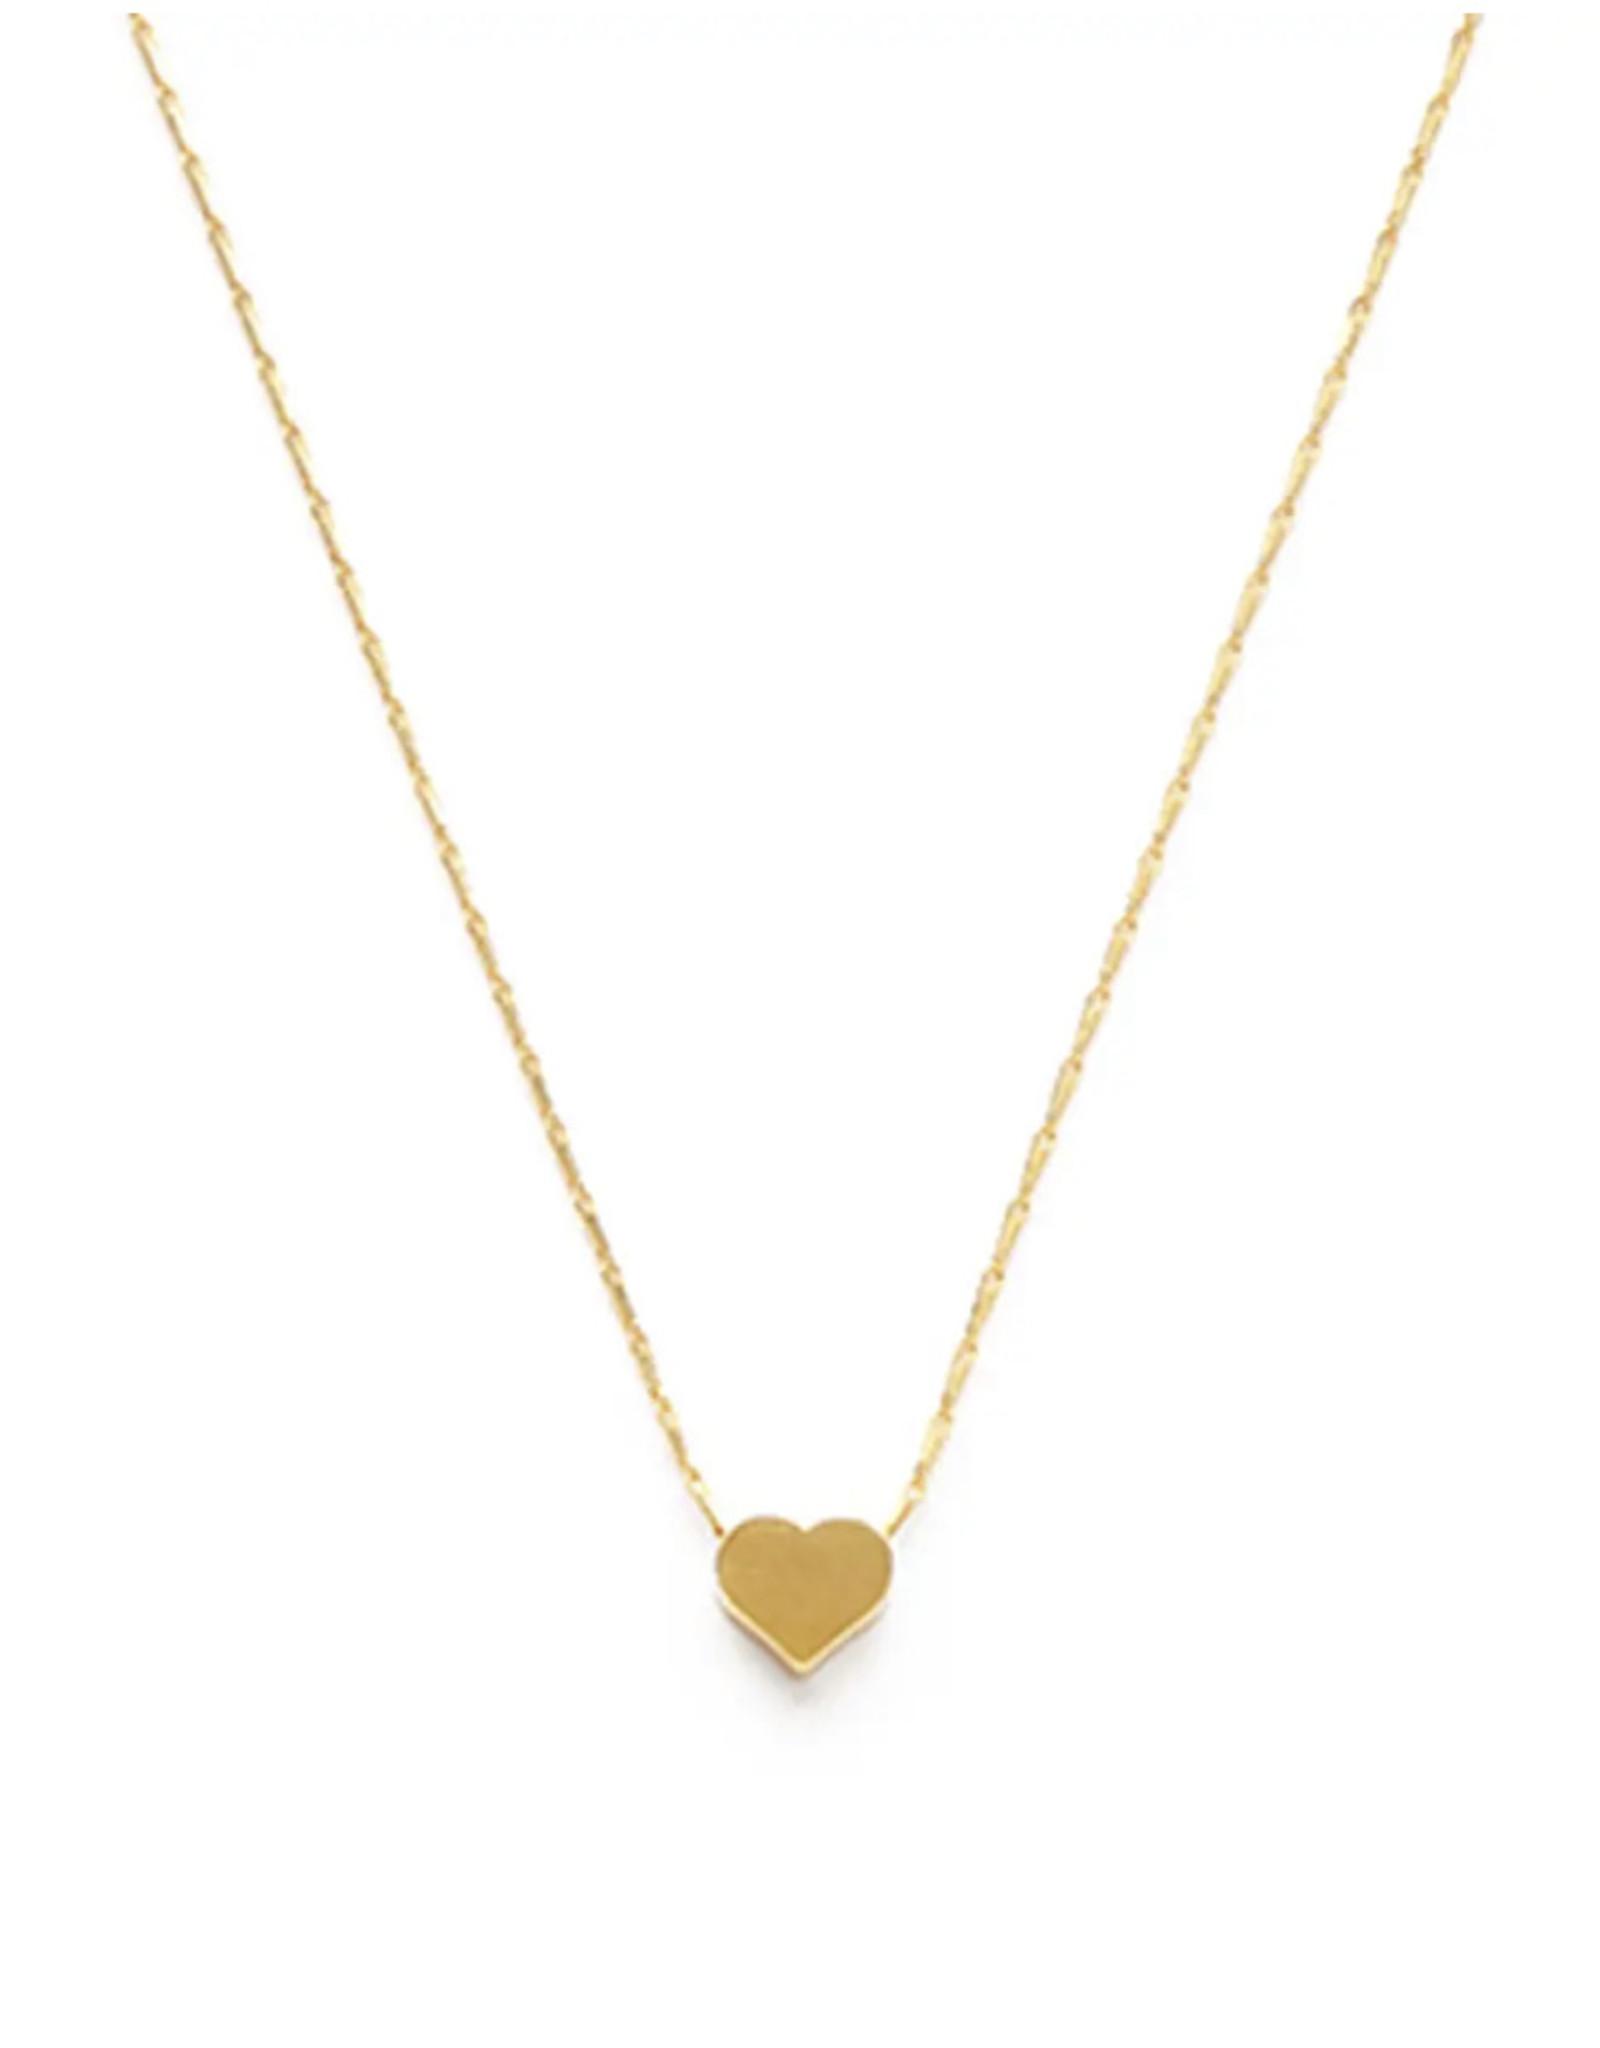 Amano Tiny Heart Necklace